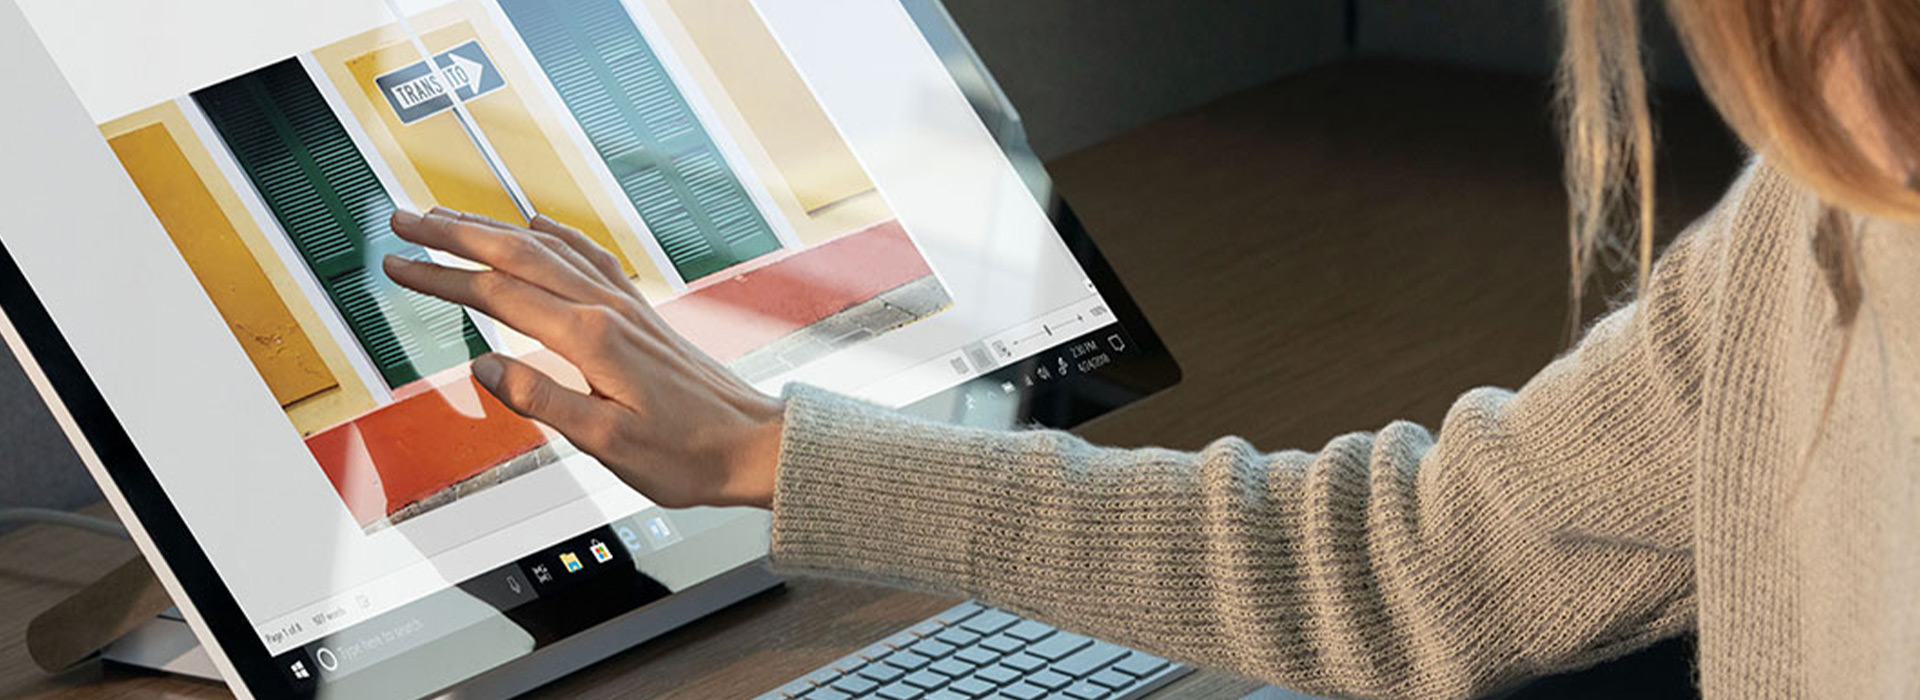 Une femme utilise l'écran tactile sur son SurfaceStudio